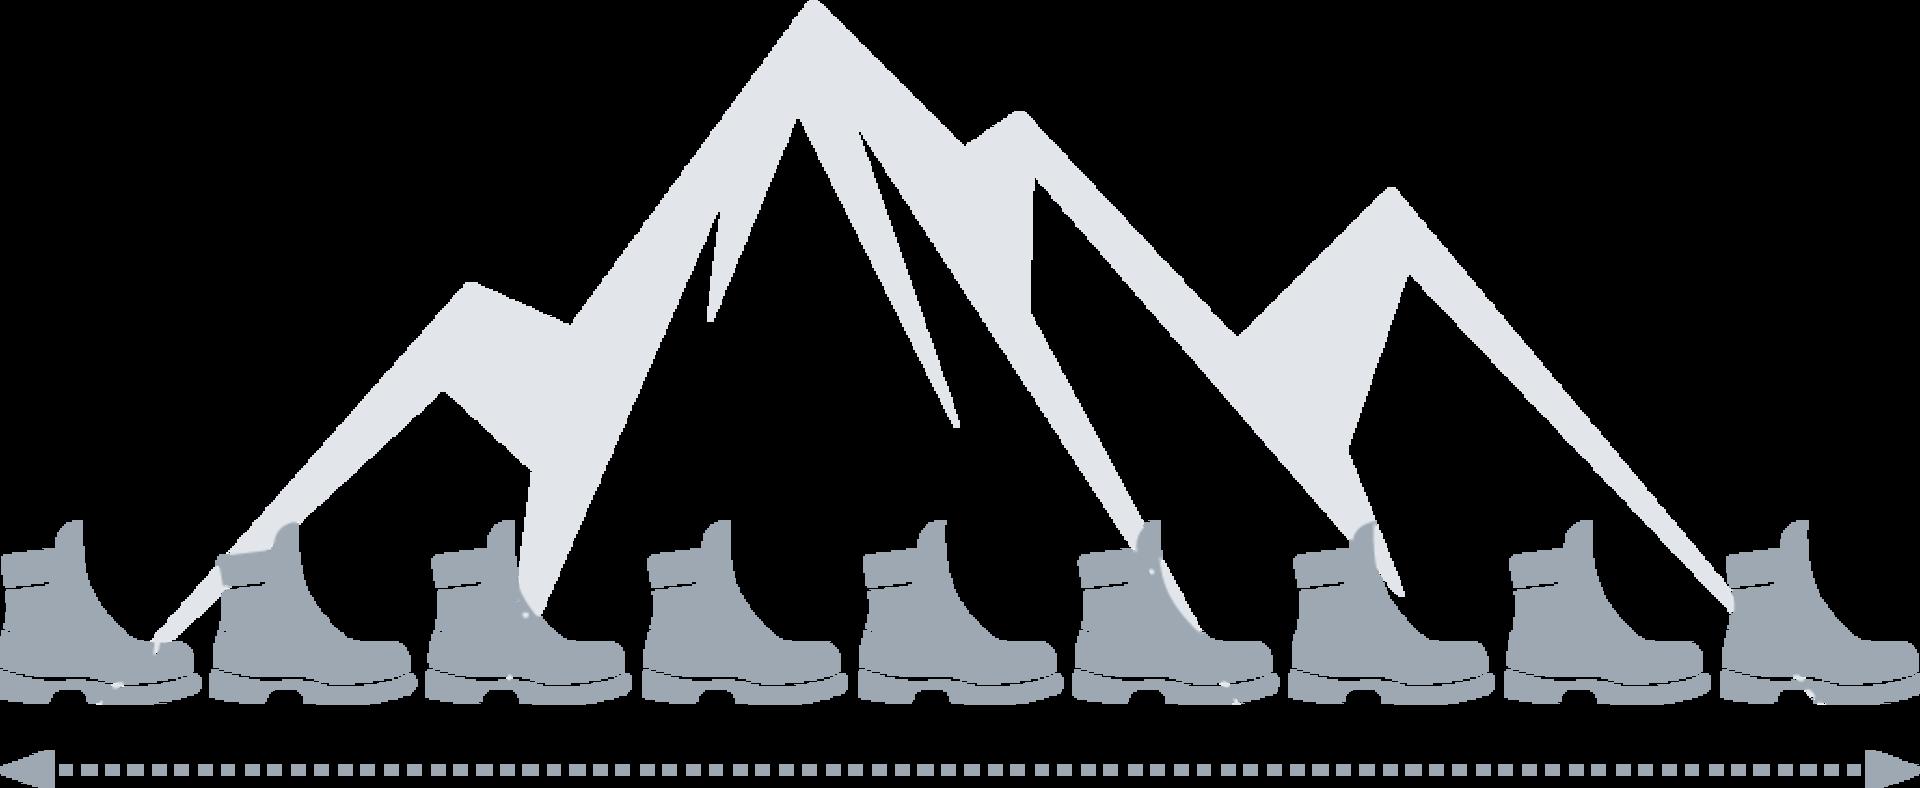 Inmiddels verkoopt LOWA wereldwijd bijna 3 miljoen paar schoenen per jaar. Als je al die schoenen achter elkaar zet, krijg je een rij van ongeveer 1200 kilometer lang. Dat komt overeen met de lengte van de Alpen (van oost naar west).